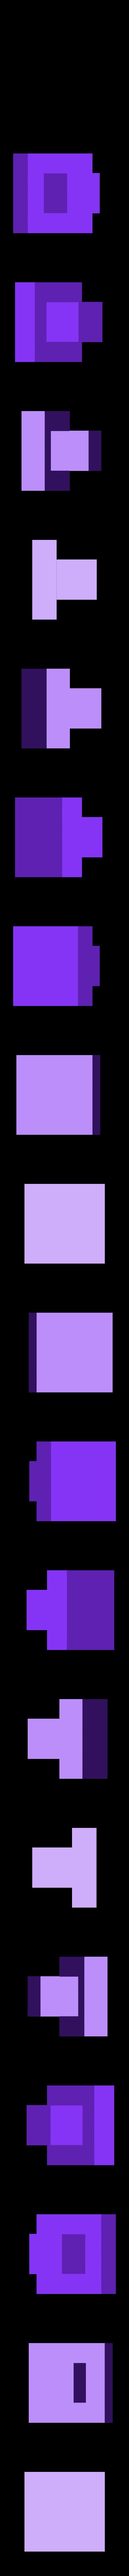 4 Manija - Handler.stl Descargar archivo STL Hormiguero de lujo Box v1 (4ants) • Objeto para imprimir en 3D, 4ants